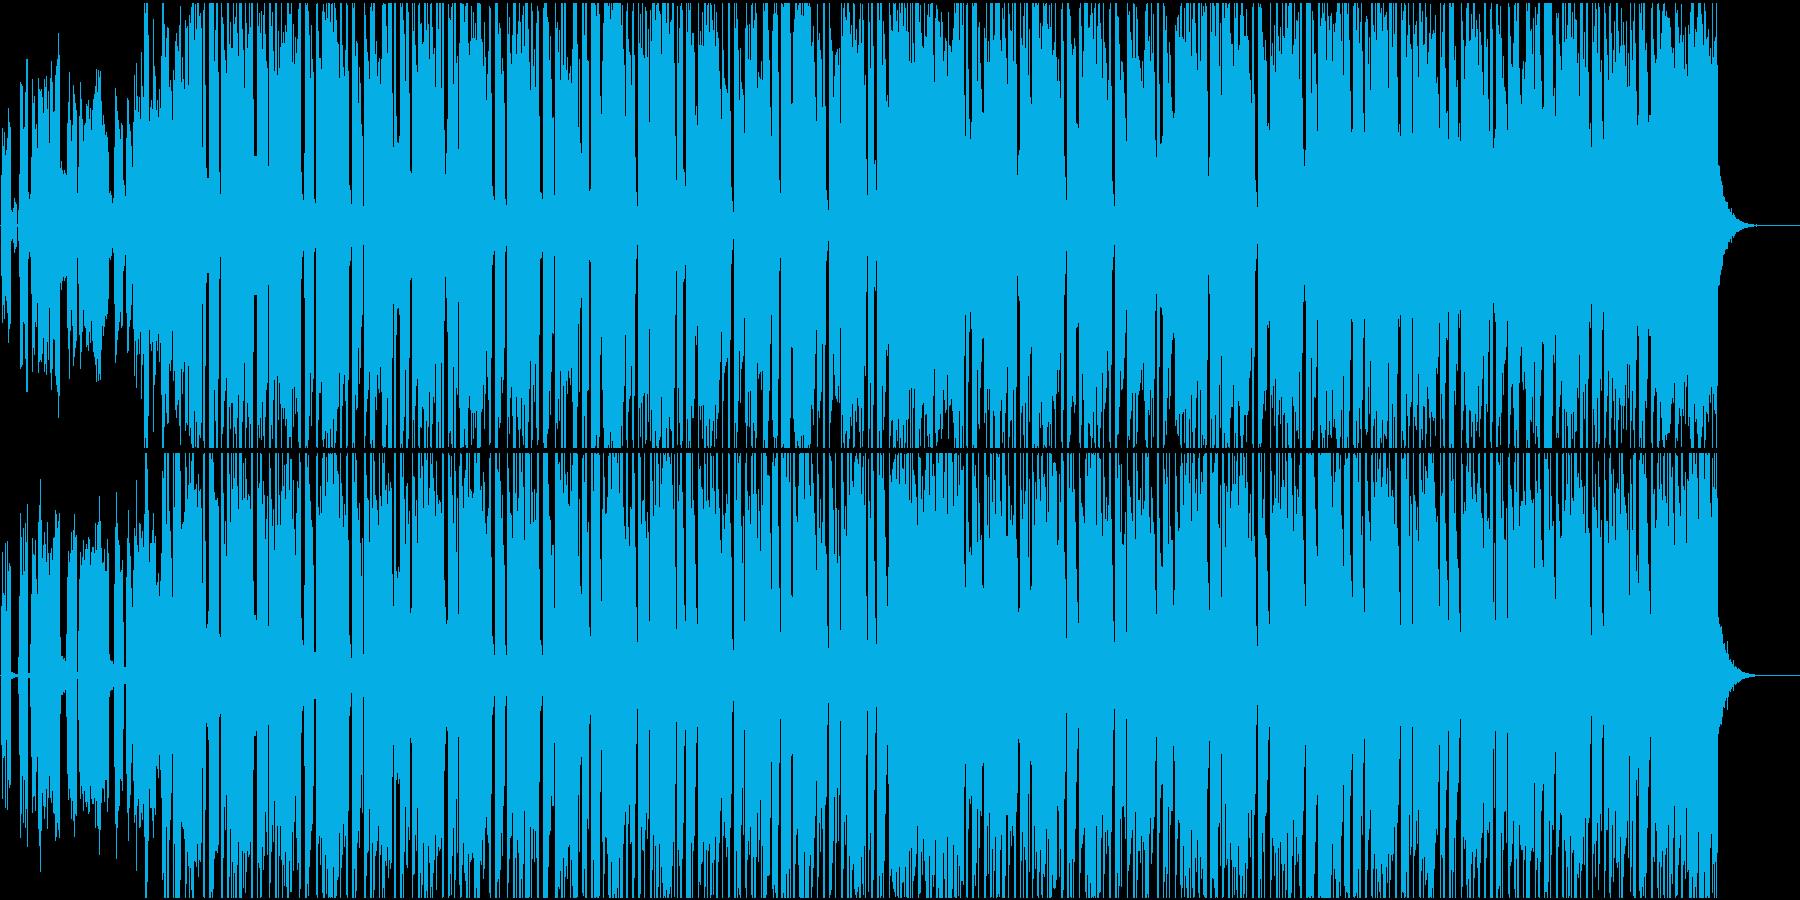 夏プロモ映像BoomBap系ヒップホップの再生済みの波形